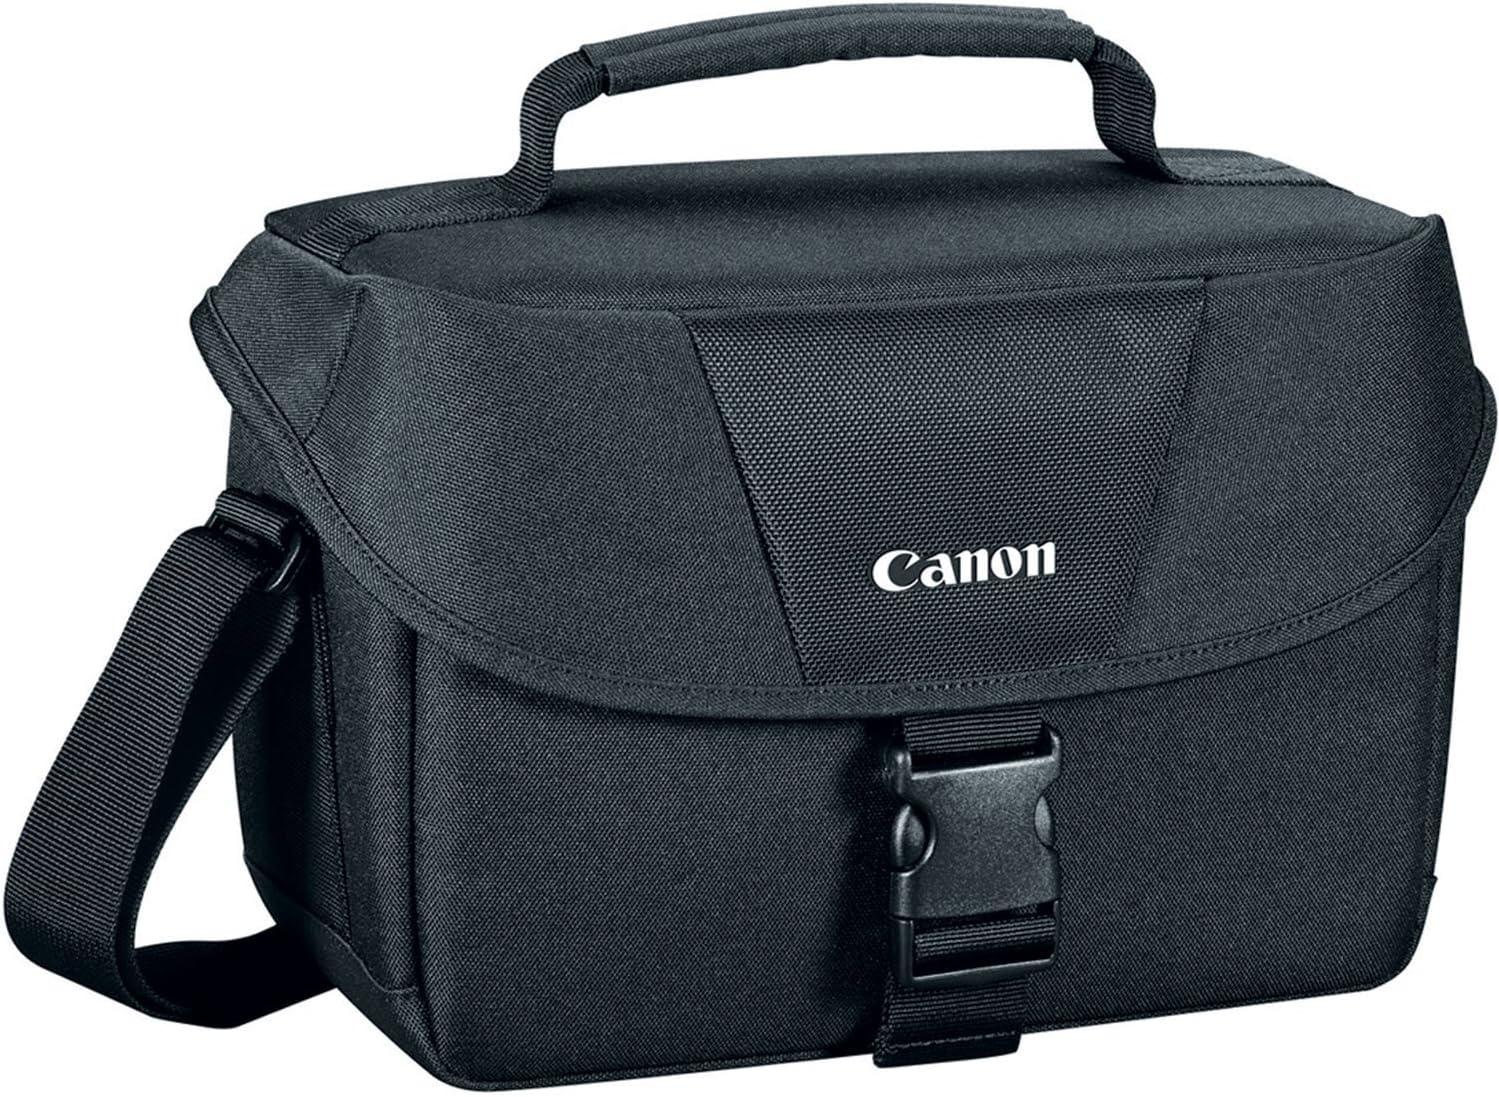 Canon 9320A023 100ES Shoulder Bag, Black : Photographic Equipment Bag Accessories : Camera & Photo